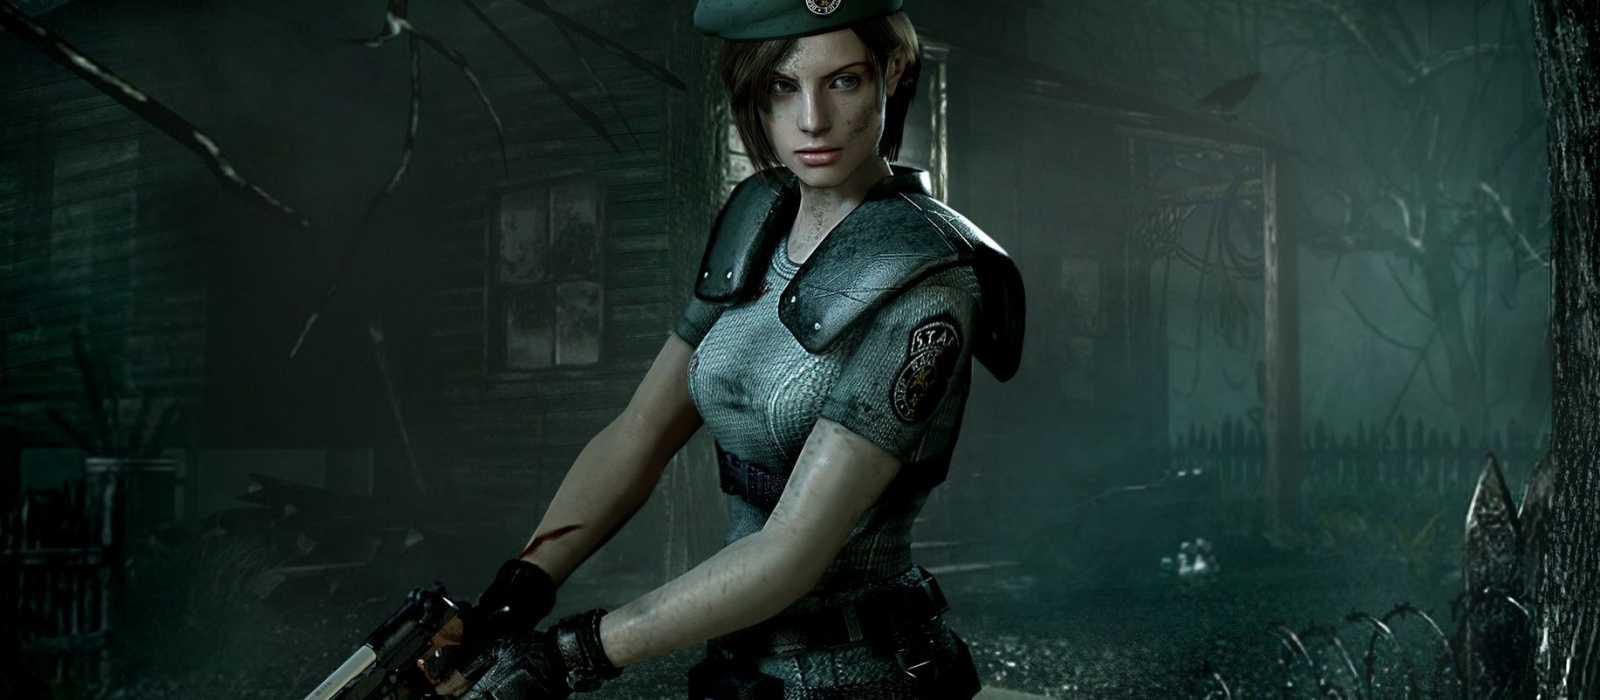 Das erste Resident Evil wurde mit Raytracing gestartet. Das Spiel erwies sich als viel detaillierter (Video)